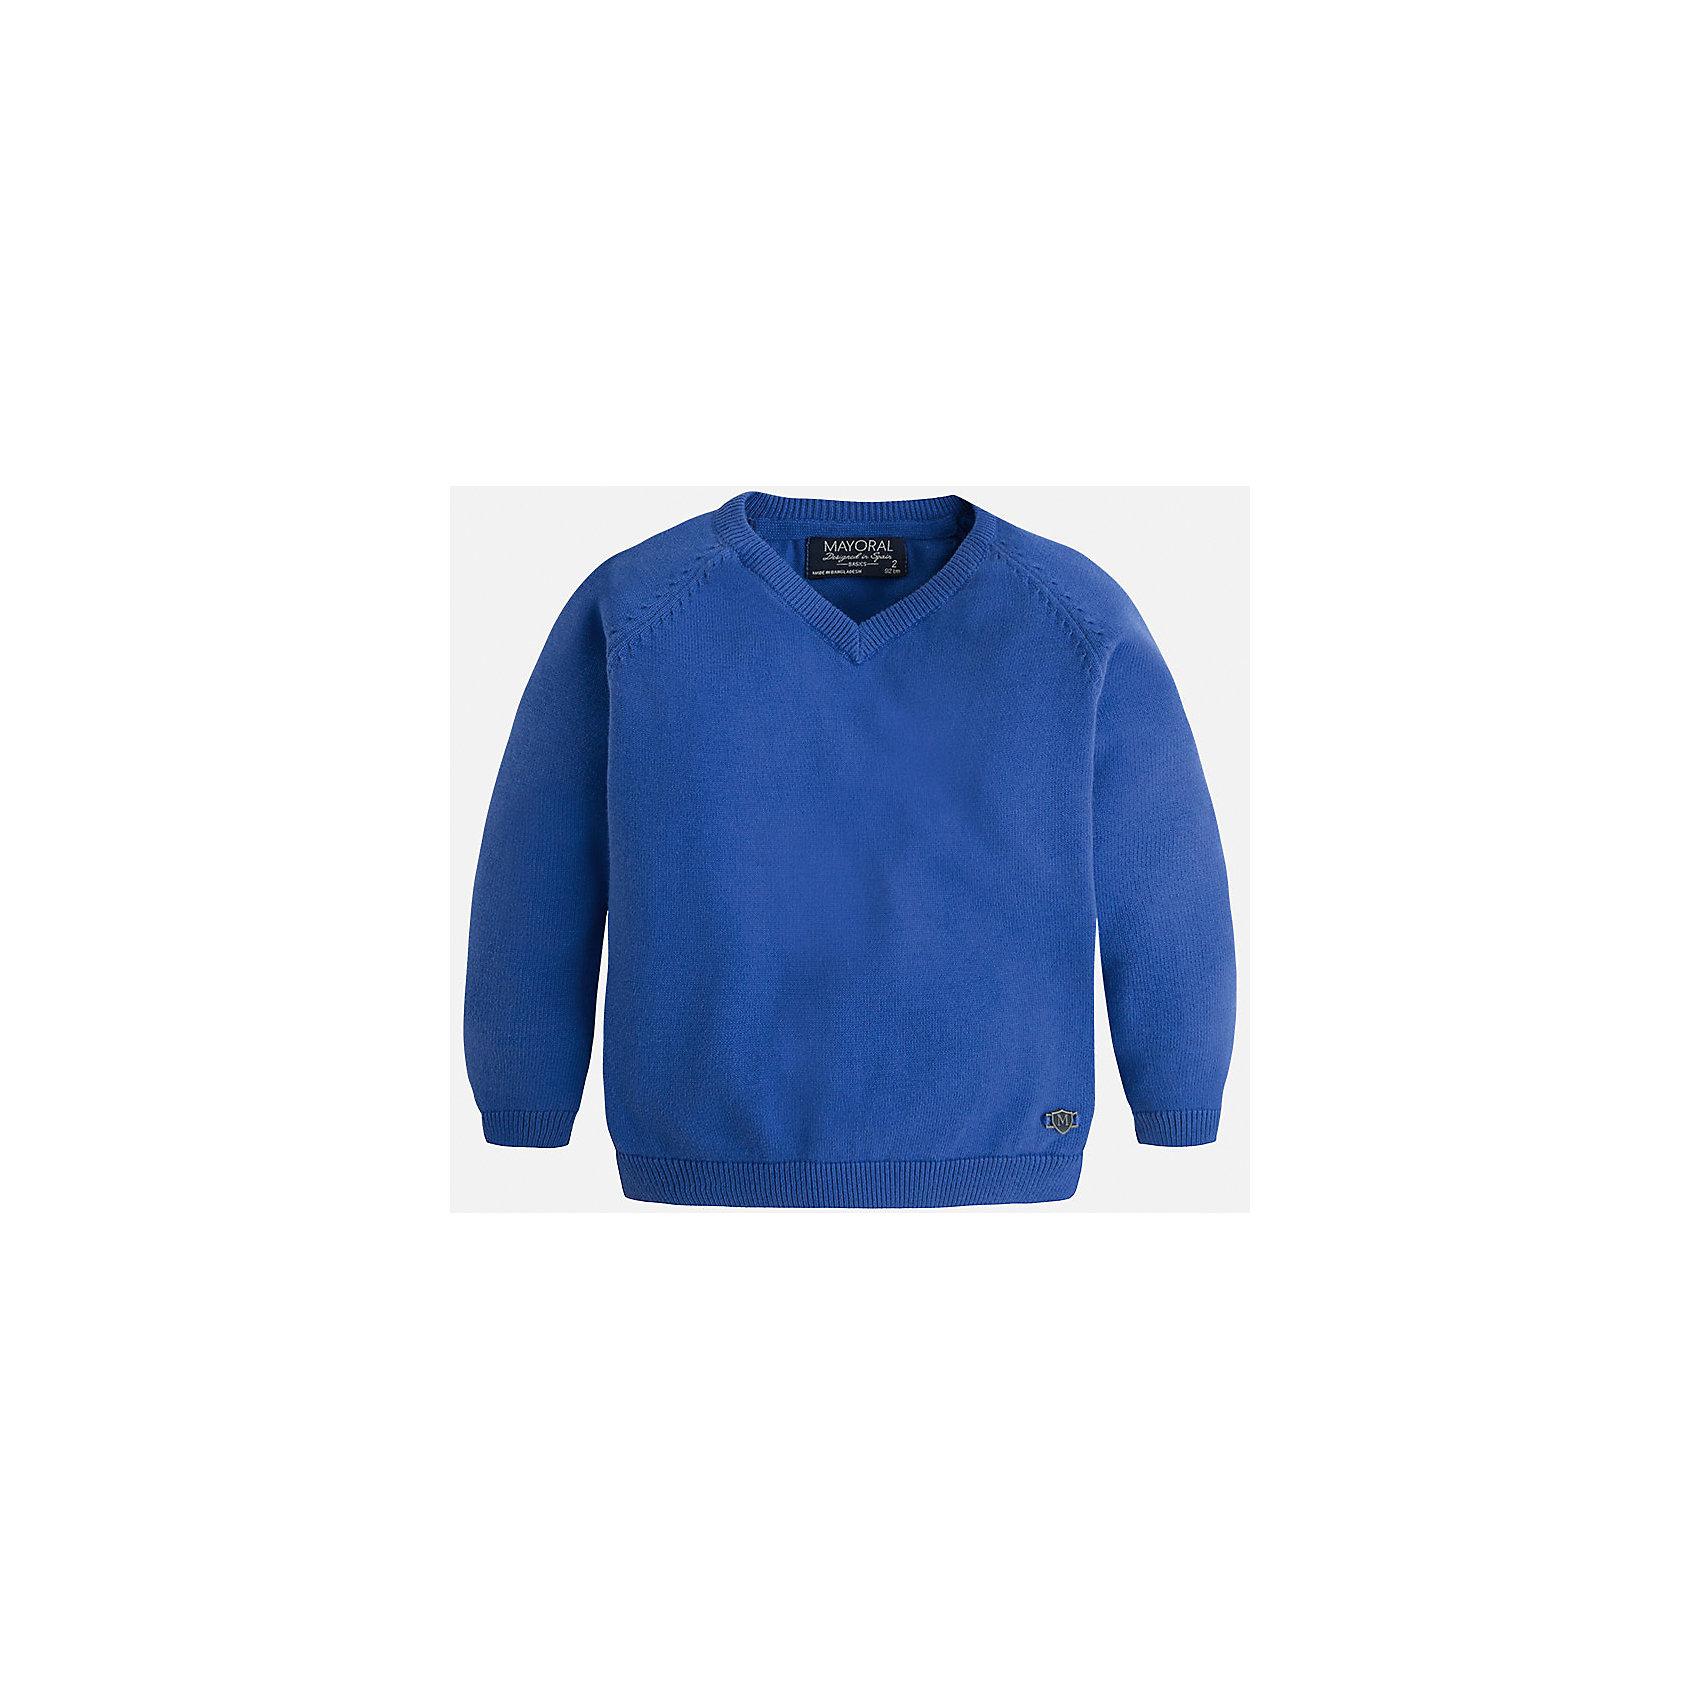 Свитер для мальчика MayoralСтильный свитер для настоящего джентльмена с V- образным вырезом! У свитера классический крой и красивый вырез, поэтому его можно комбинировать с разными вещими и носить в любой сезон.<br><br>Дополнительная информация:<br><br>- Прямой крой,V- образный вырез. <br>- Страна бренда: Испания.<br>- Состав: хлопок 100%<br>- Цвет: голубой.<br>- Уход: бережная стирка при 30 градусах.<br><br>Купить свитер для мальчика Mayoral можно в нашем магазине.<br><br>Ширина мм: 190<br>Глубина мм: 74<br>Высота мм: 229<br>Вес г: 236<br>Цвет: фиолетовый<br>Возраст от месяцев: 24<br>Возраст до месяцев: 36<br>Пол: Мужской<br>Возраст: Детский<br>Размер: 134,104,110,116,122,128,98<br>SKU: 4821687